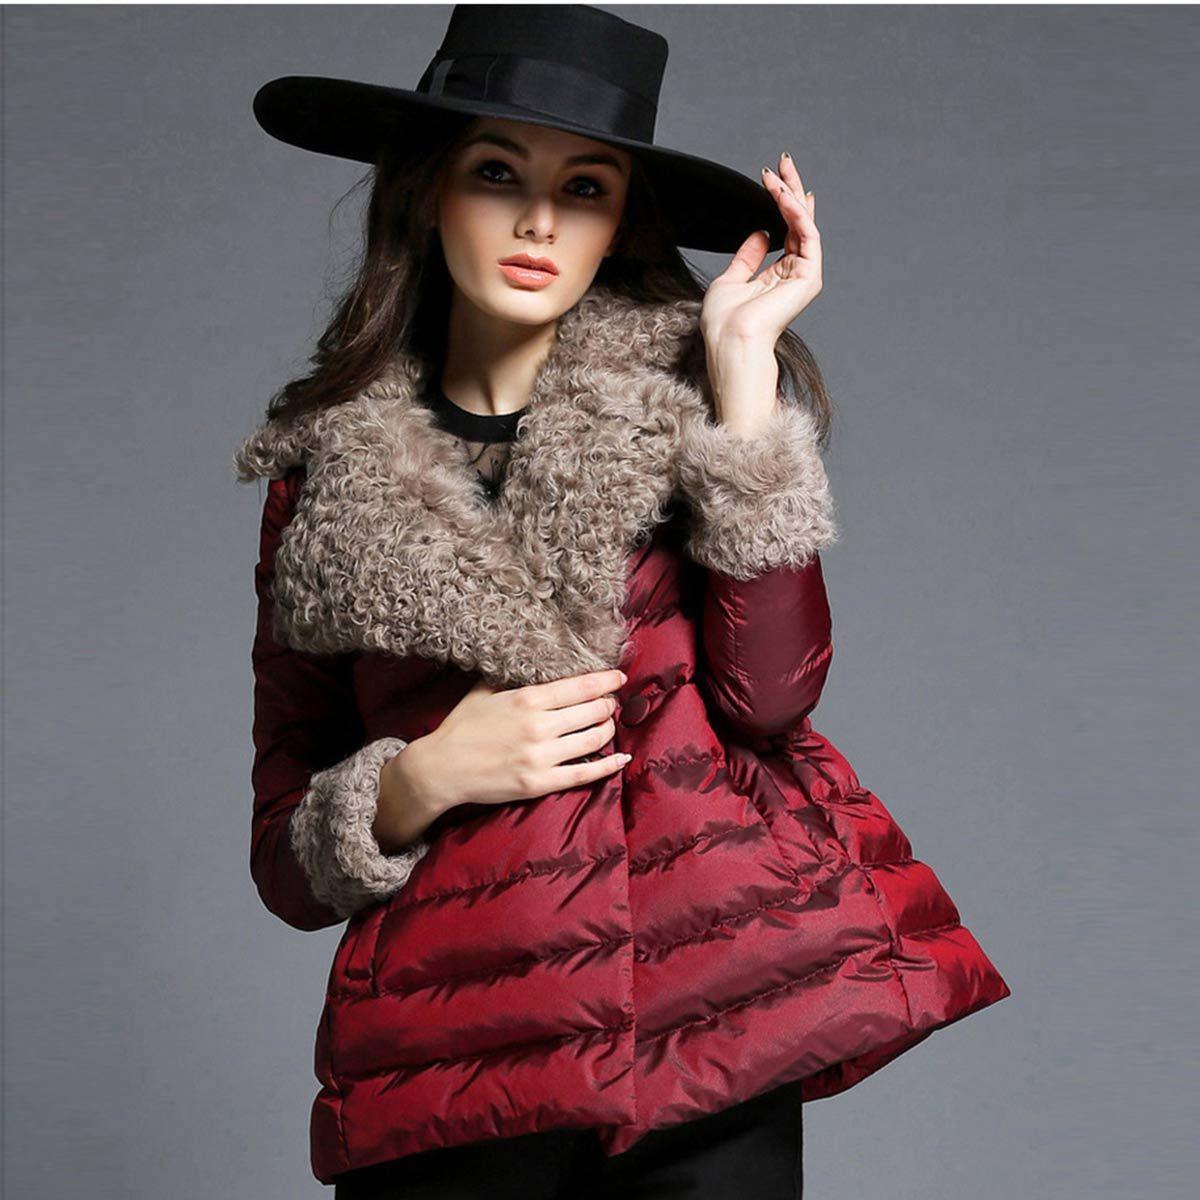 Fashion Style New Womens Fur Collar Red Duck  Coats Warm Cape Coat Women Short Parka Jacket Outwear Female Winter Jackets sweet vintage style purple winter cape for women mandarin collar wool cape